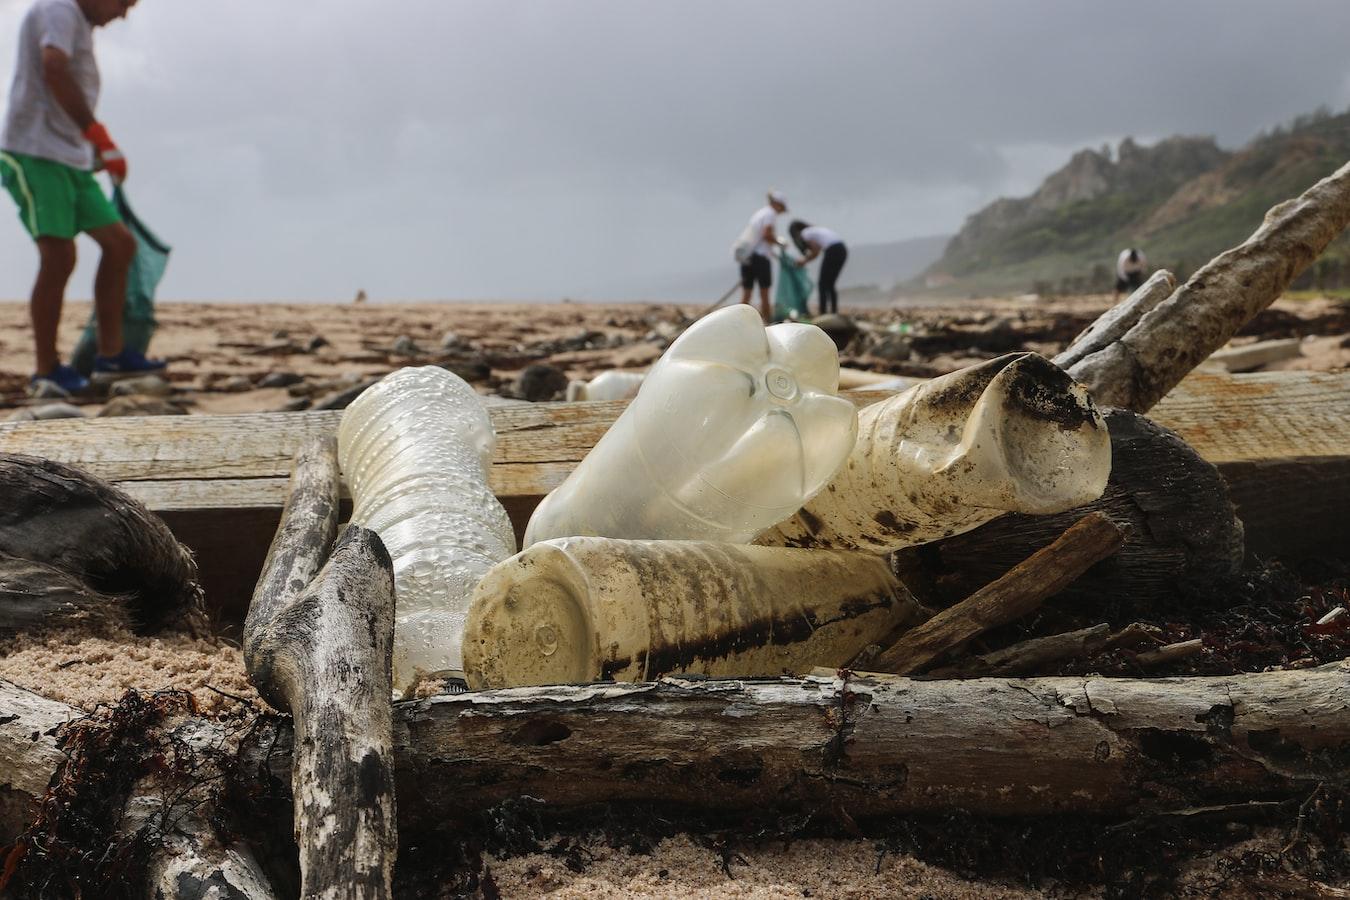 Menschen sammeln Plastikmüll am Strand ein